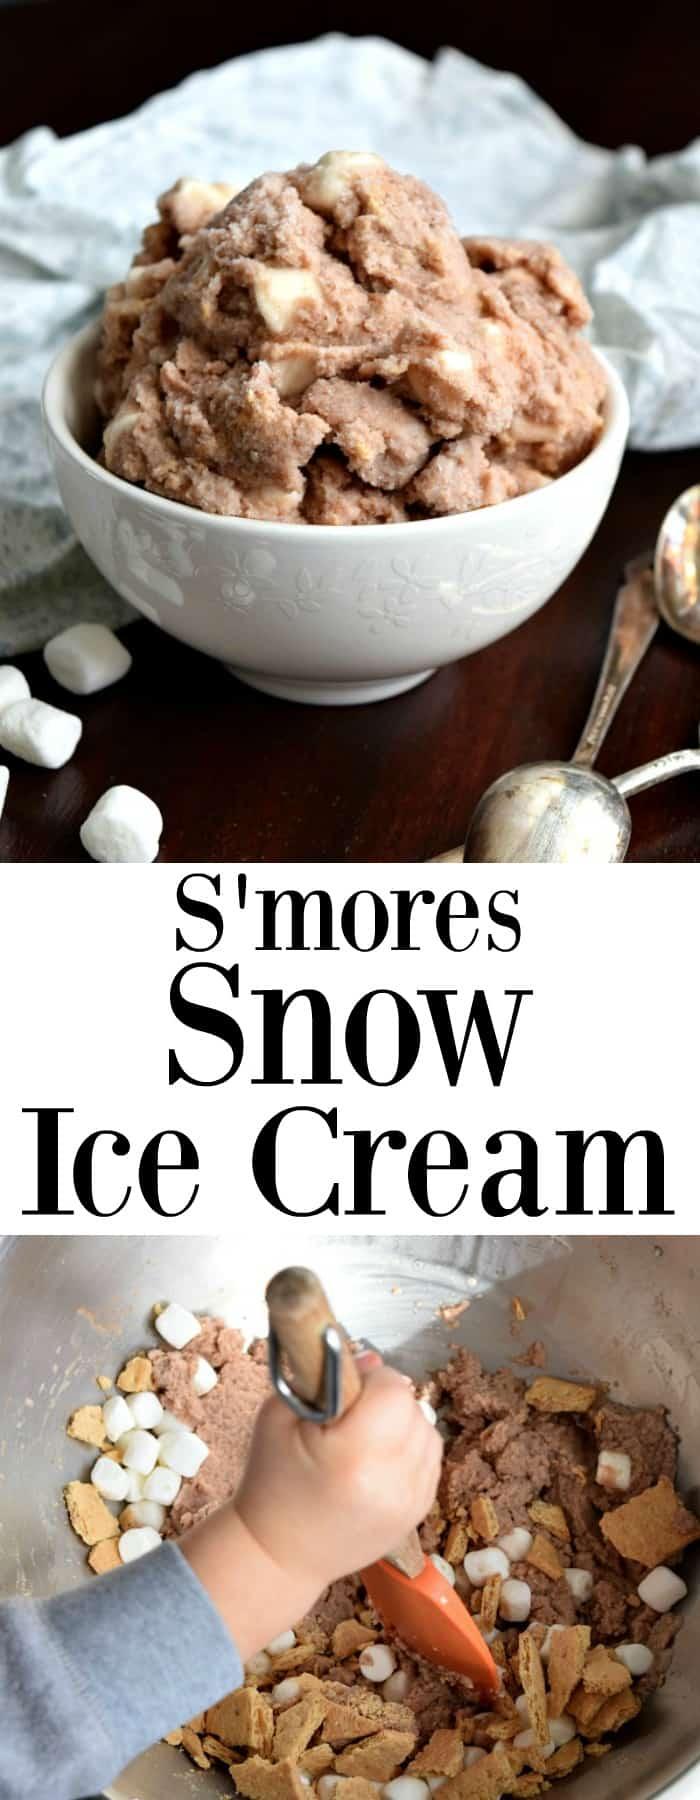 S'mores Snow Ice Cream